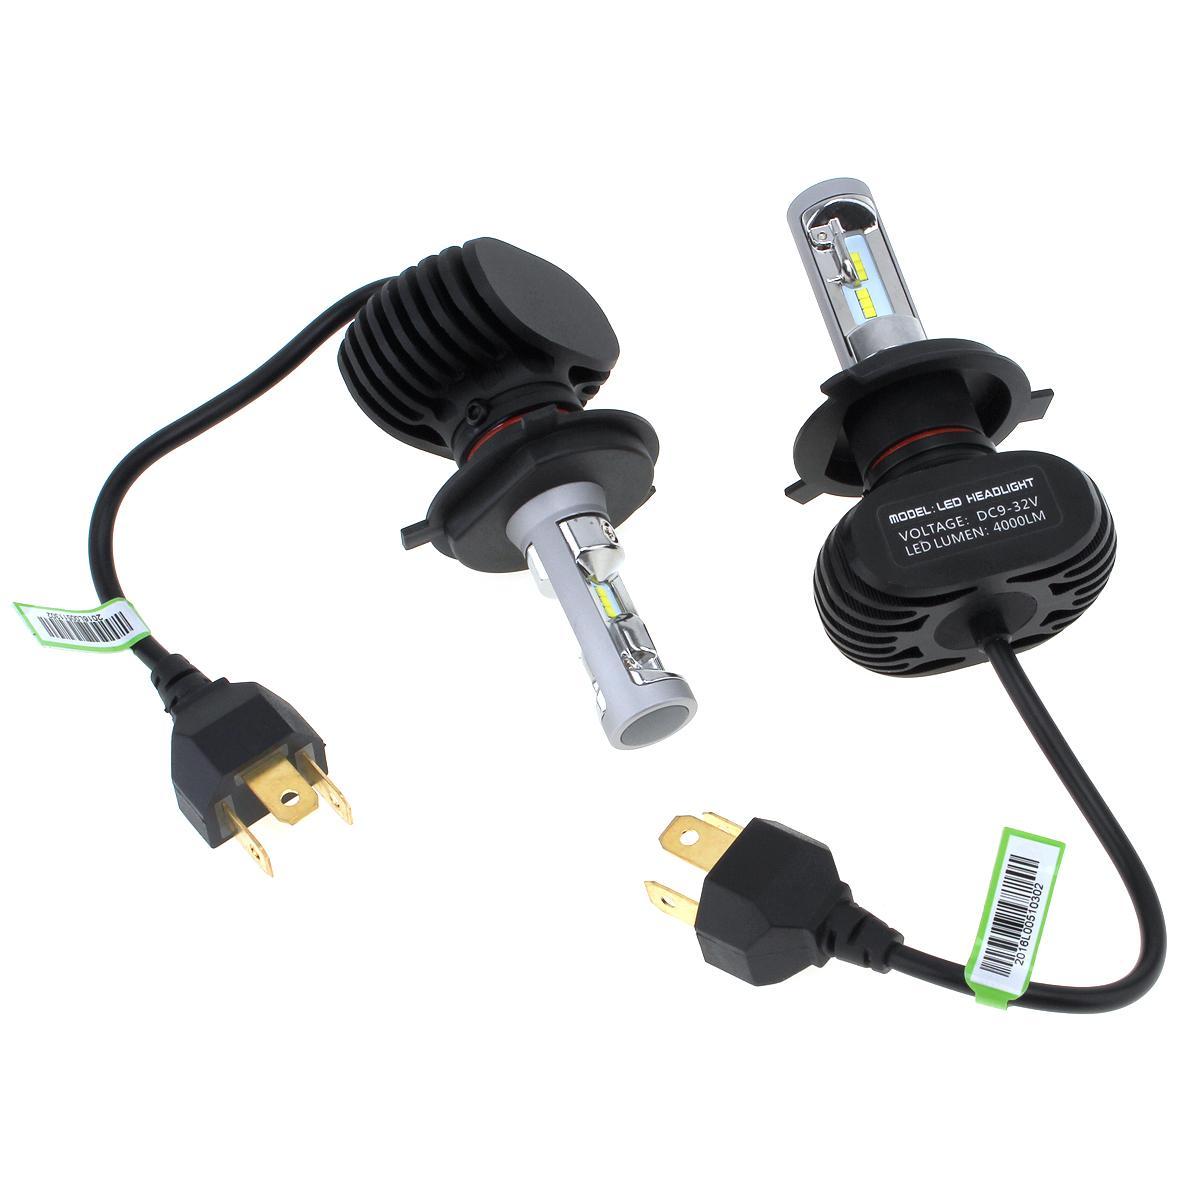 S1 H4 Auto Faro auto 50W 8000LM 6000K Automobile Lampada antinebbia CSP LED Light CLT_60E